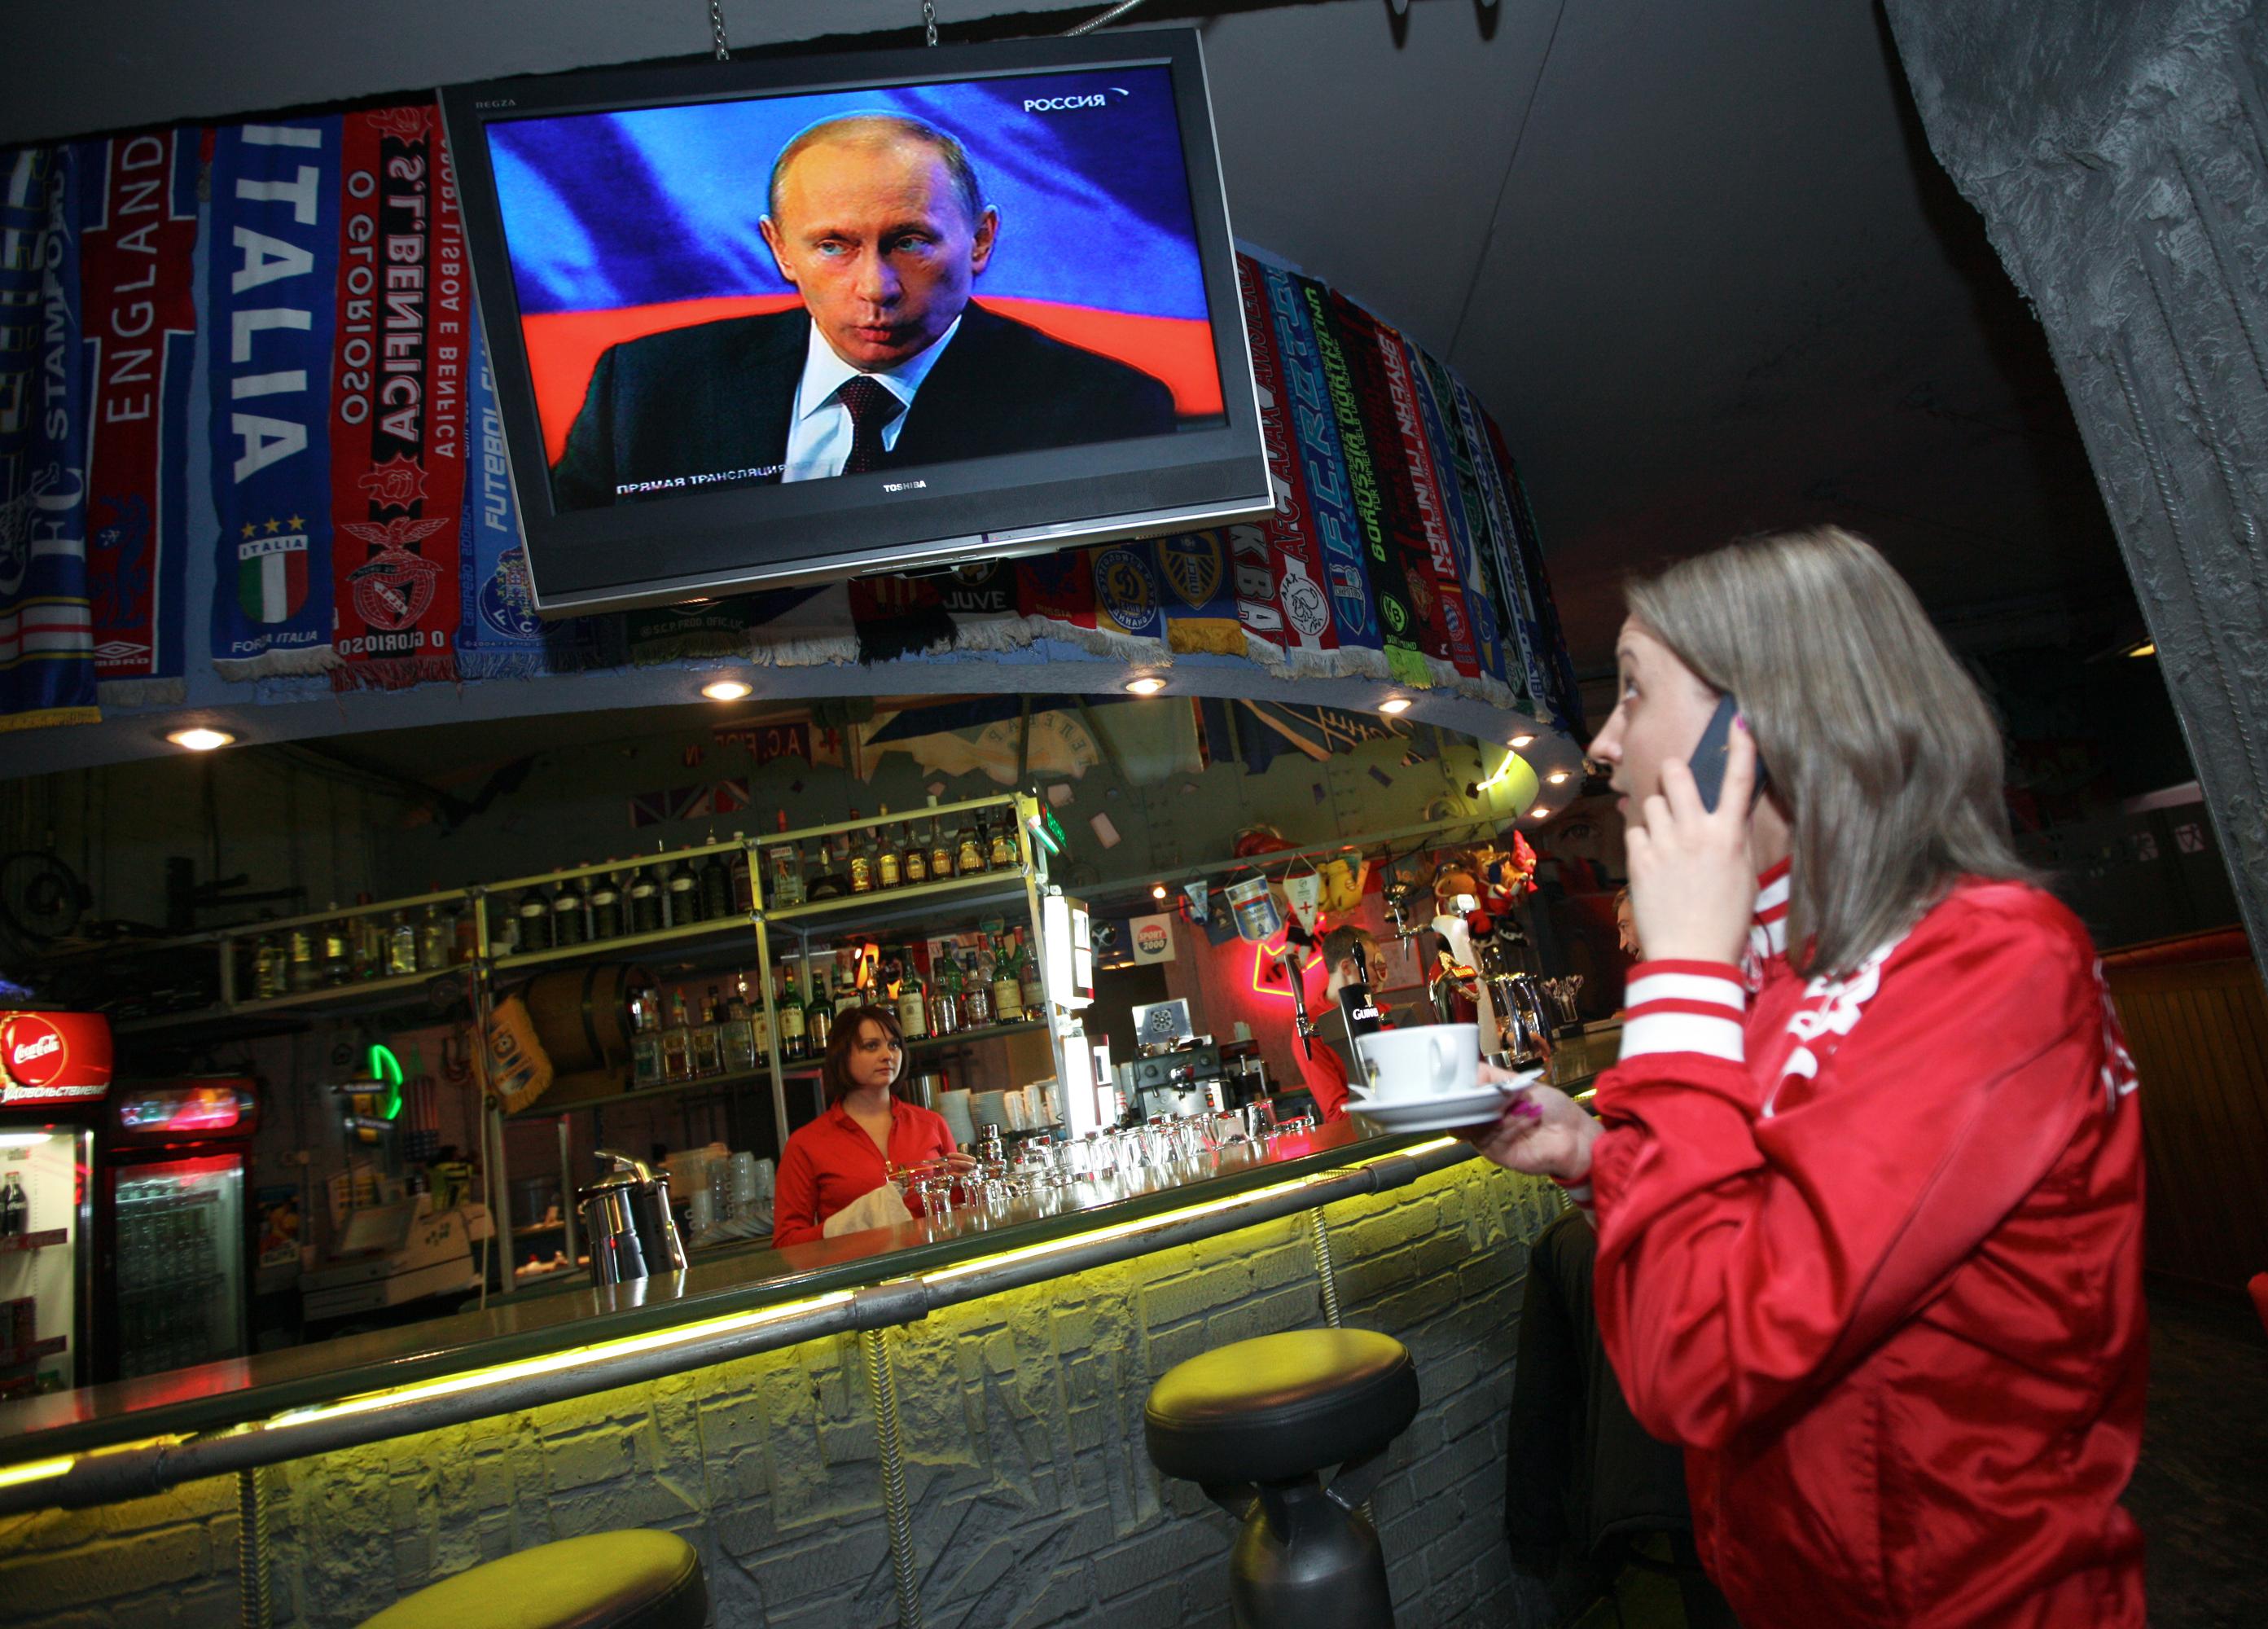 Трансляция прямой линии с премьер-министром РФ Владимиром Путиным. Архив